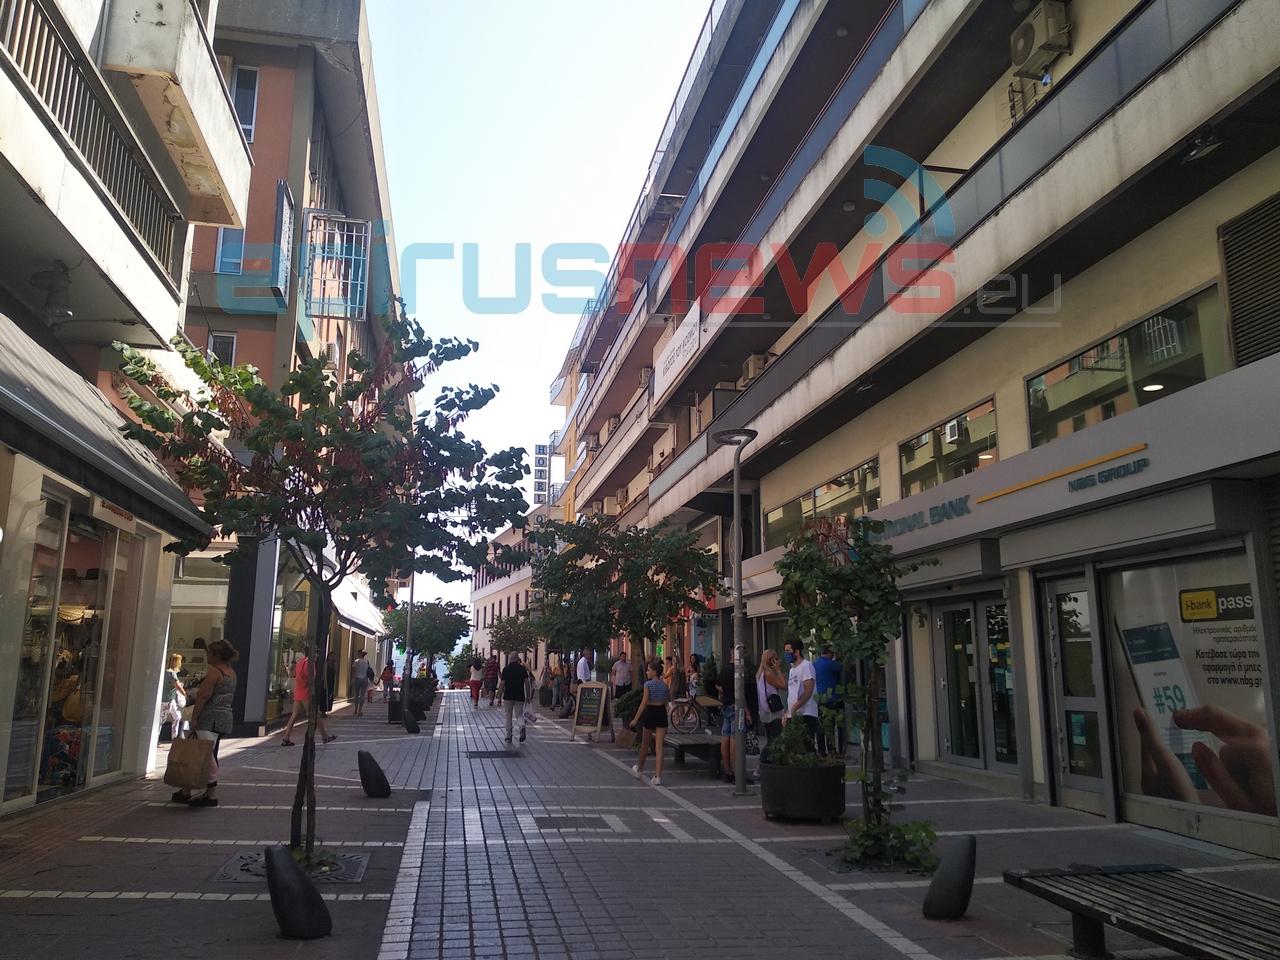 Επίσημο: Aνοίγουν εμπορικά καταστήματα και malls – Αναλυτικές οδηγίες